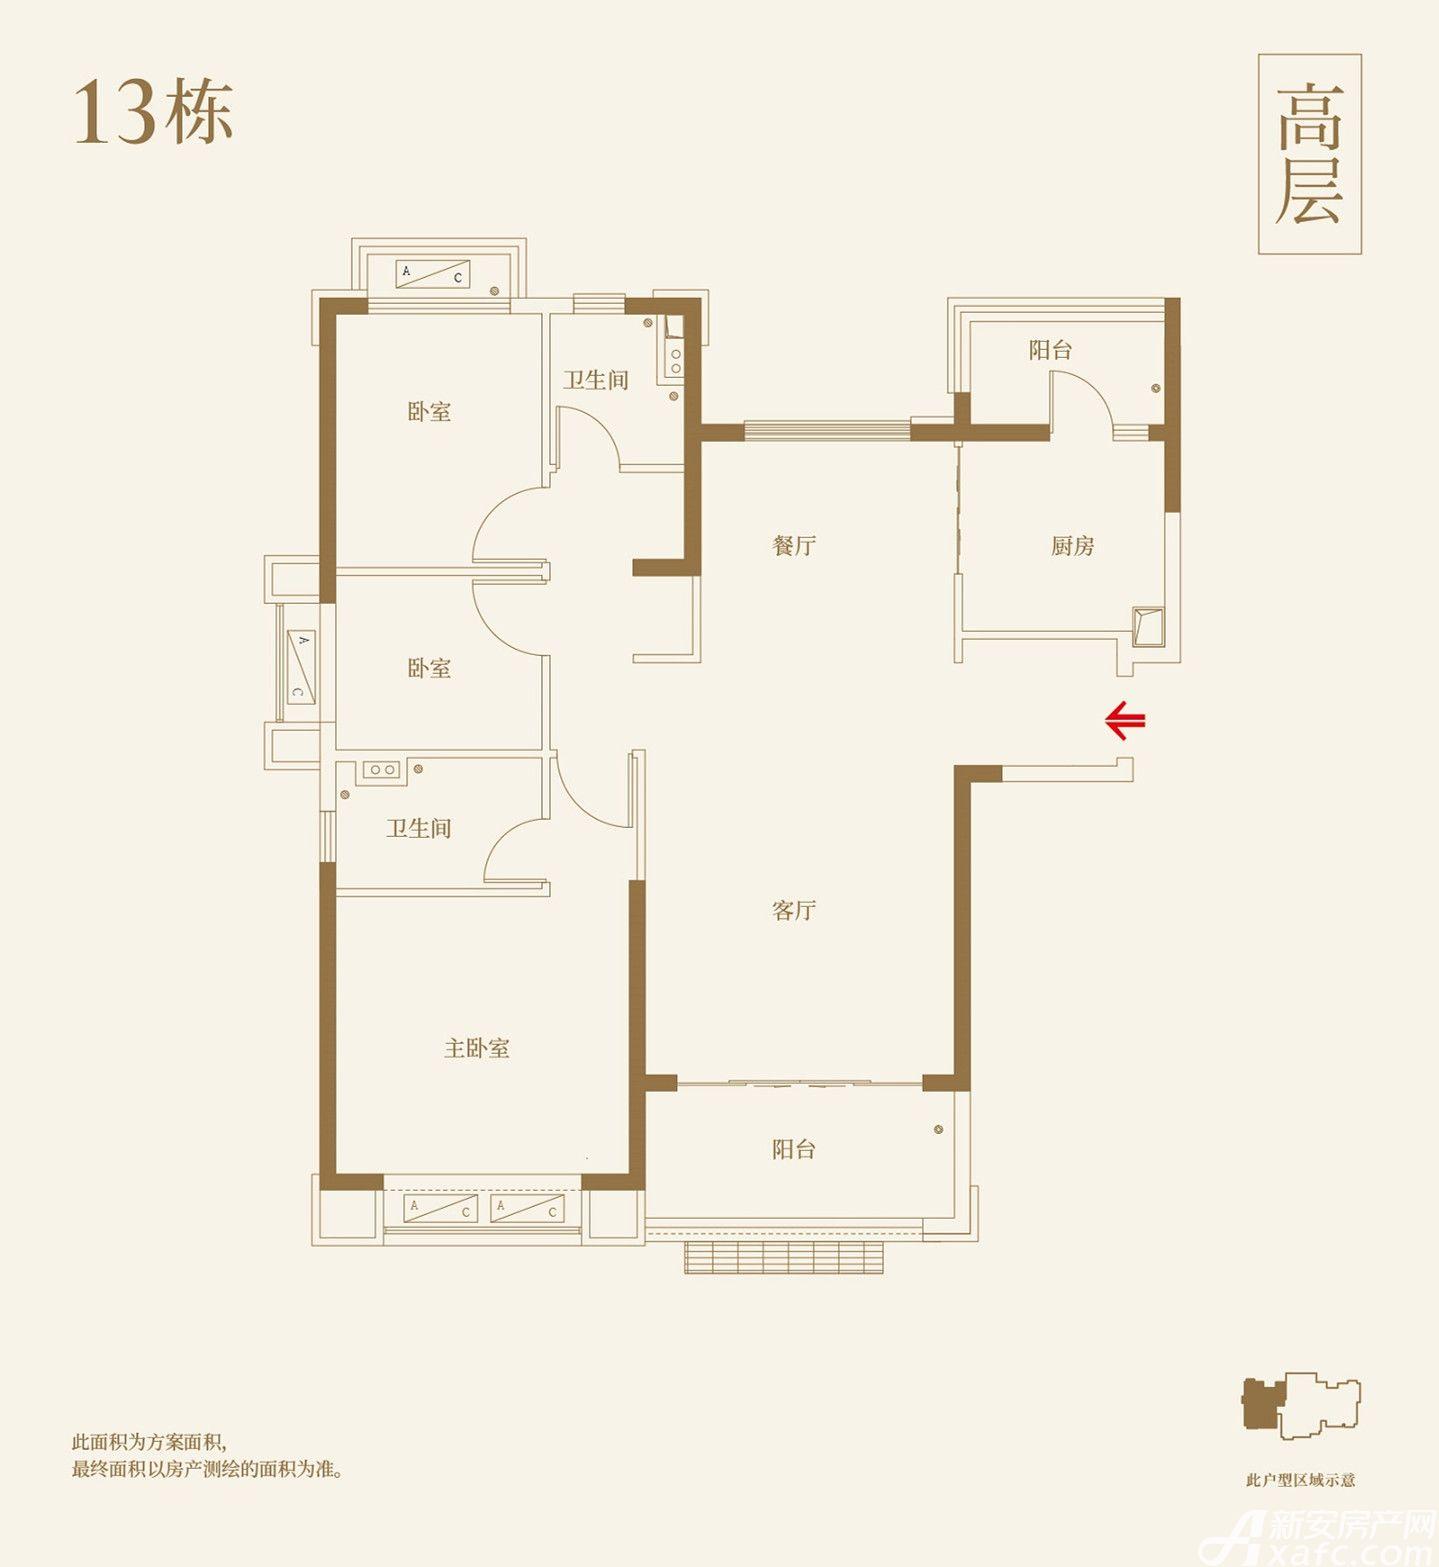 恒大御府13#A3室2厅123.09平米